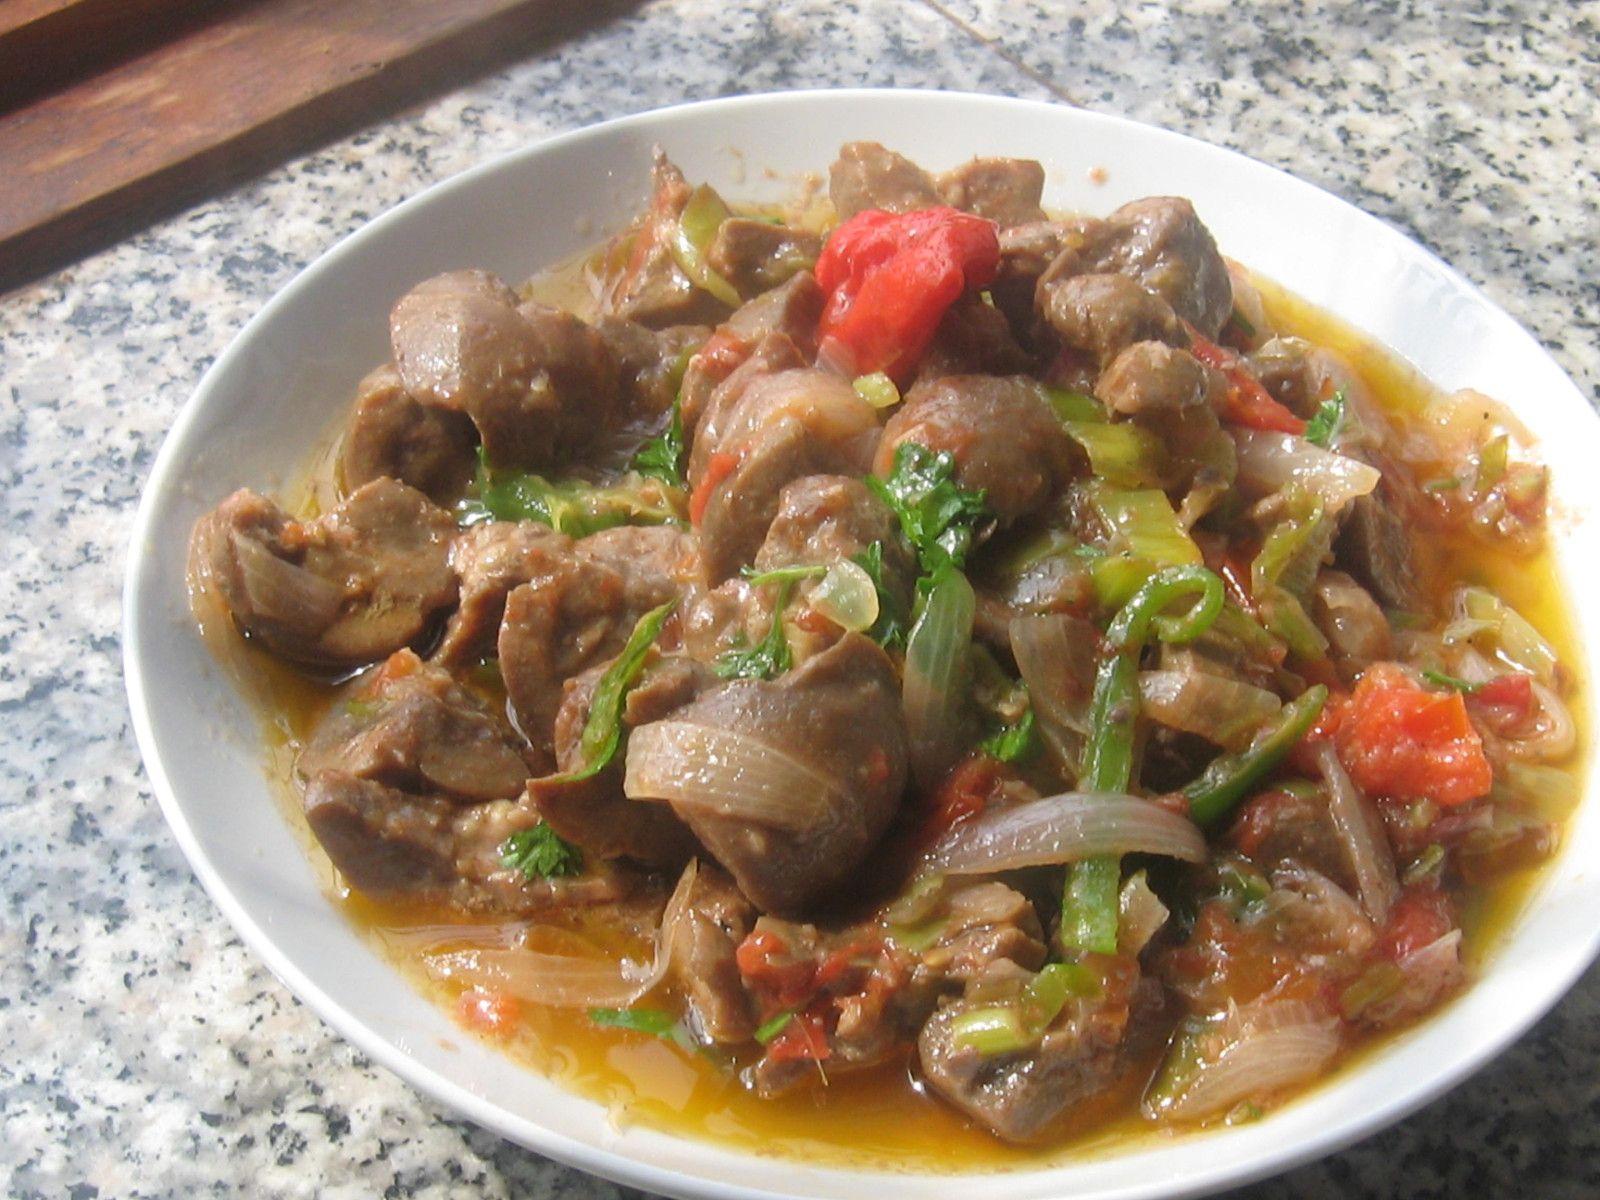 Cuisine du Cameroun La recette des brochettes de boeuf Histoire